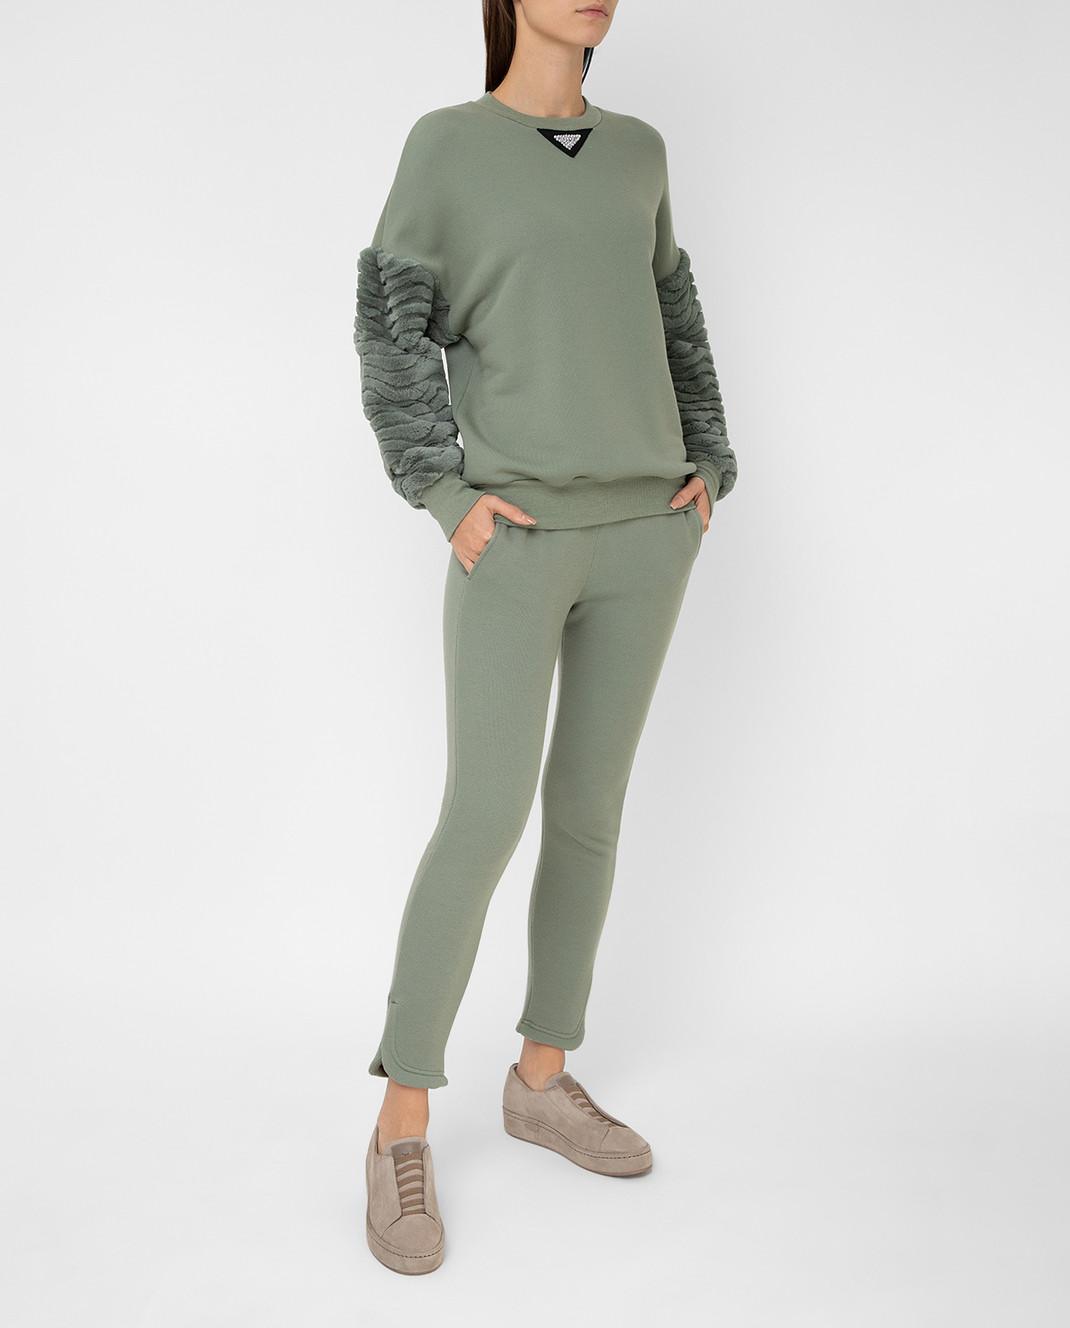 Mr&Mrs Italy Зеленые спортивные брюки JG054E изображение 2